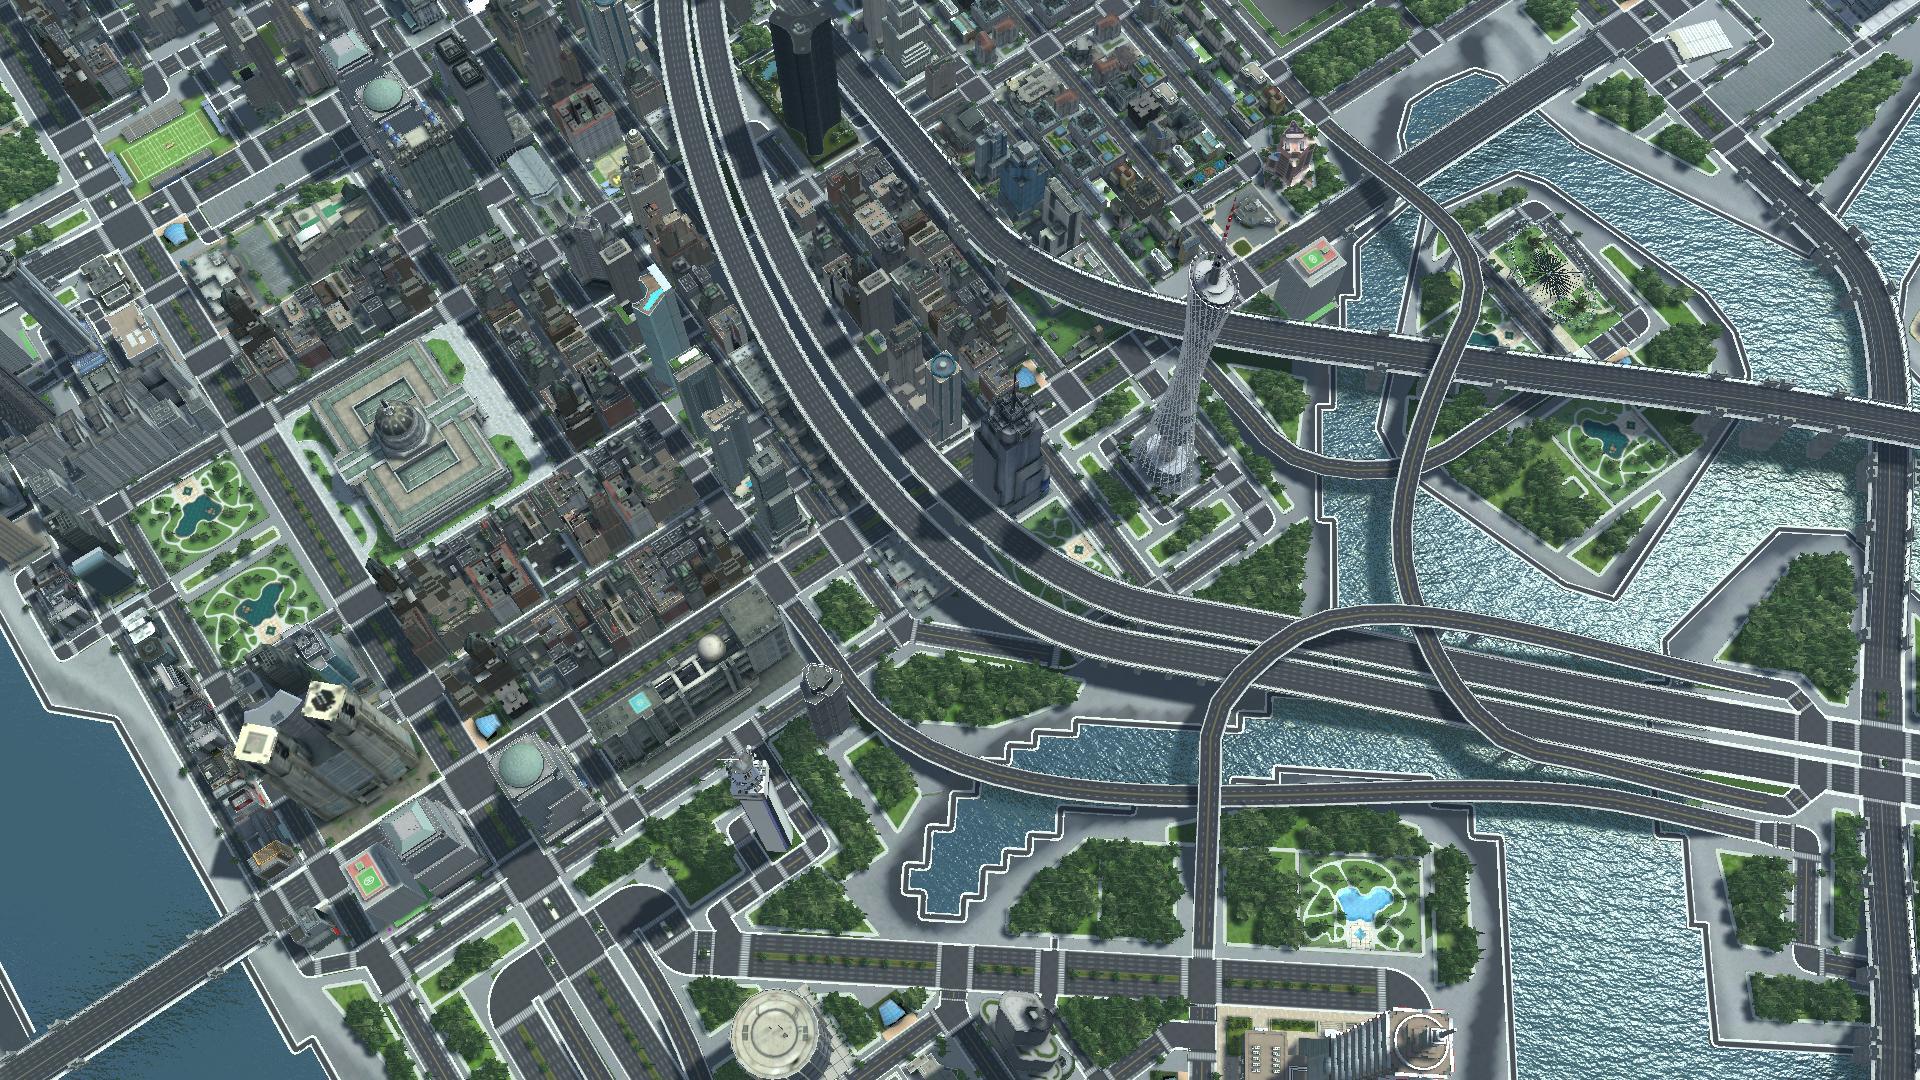 CitiesXL_2012 2014-11-06 16-53-52-99.jpg